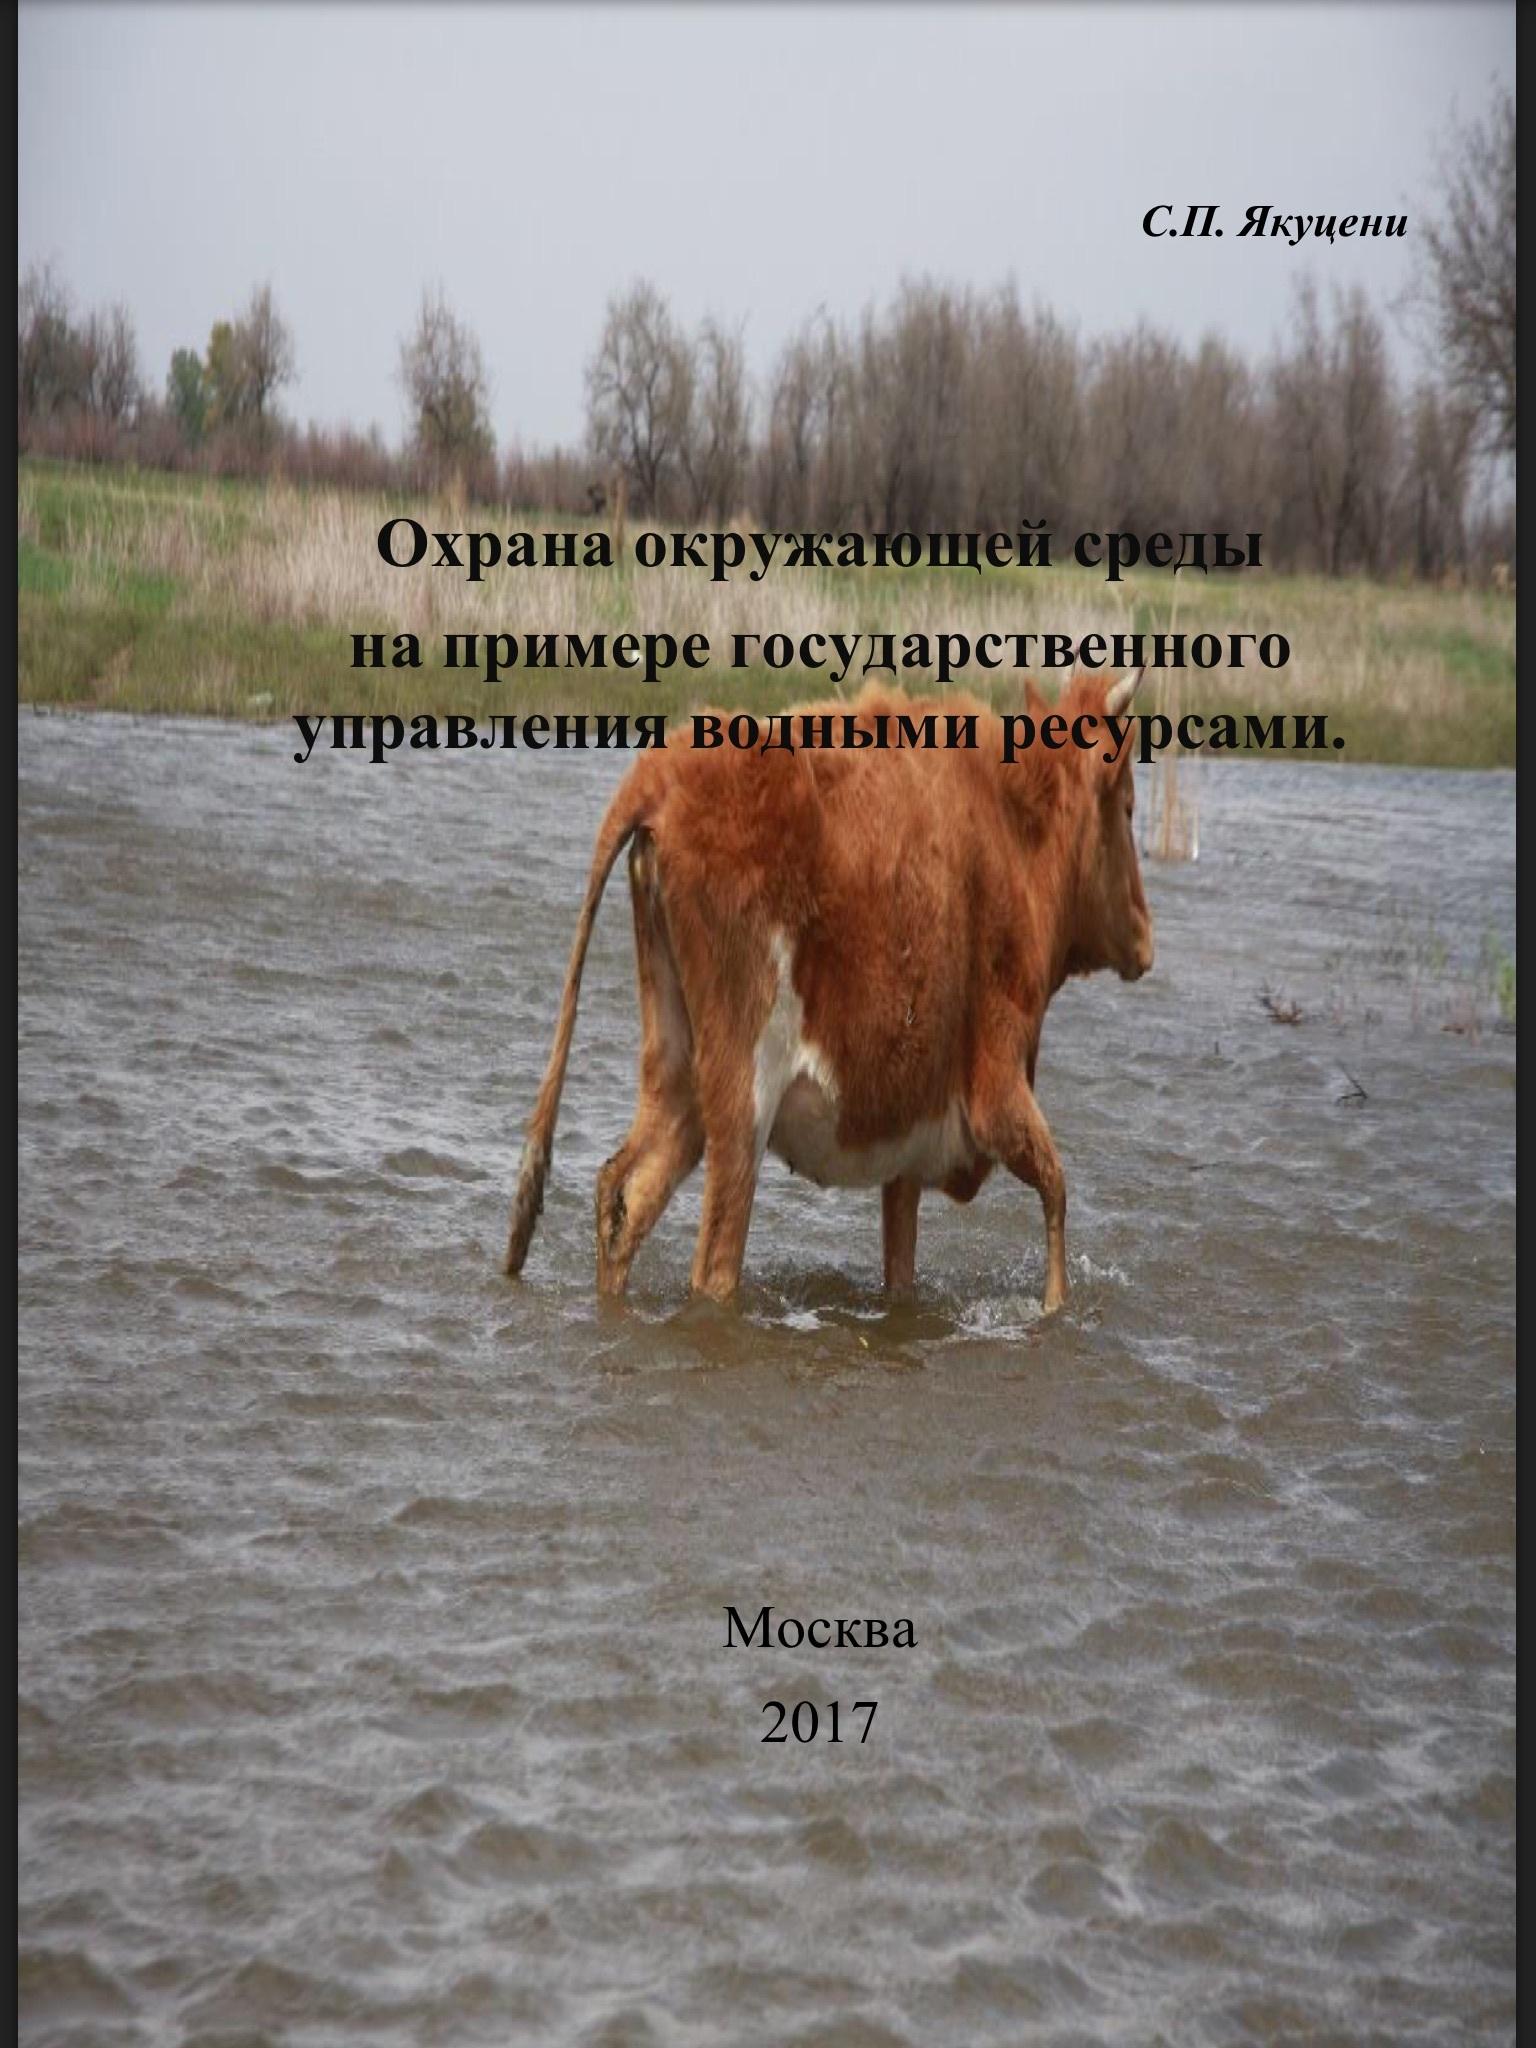 Сергей Павлович Якуцени бесплатно